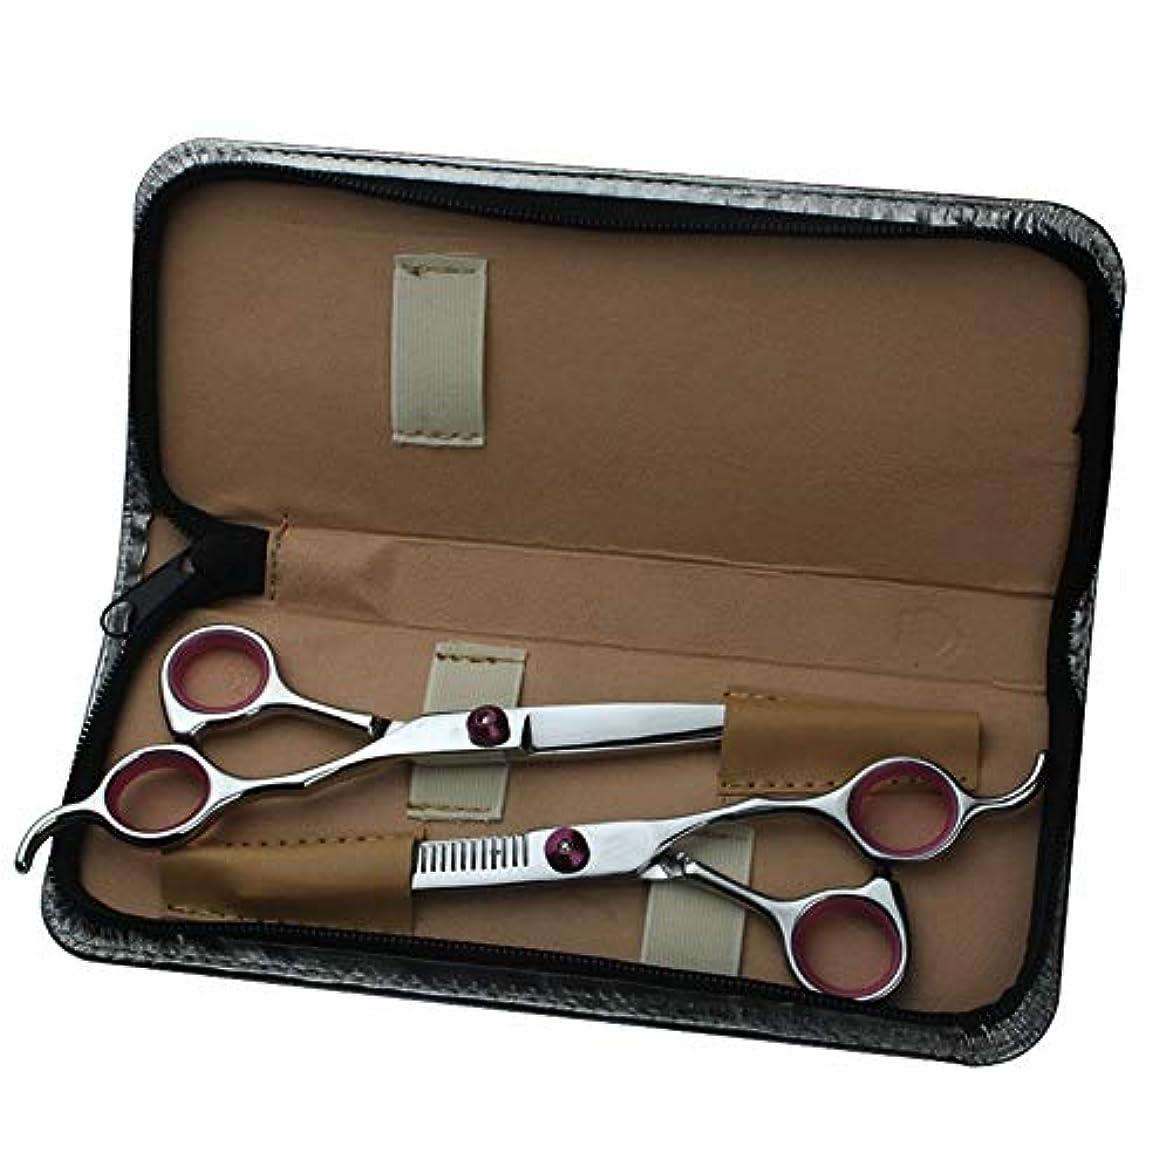 ガウン感嘆と遊ぶGoodsok-jp 6インチ家族DIYの理髪はさみは専門の毛の切断の美用具を置きました (色 : レッド)